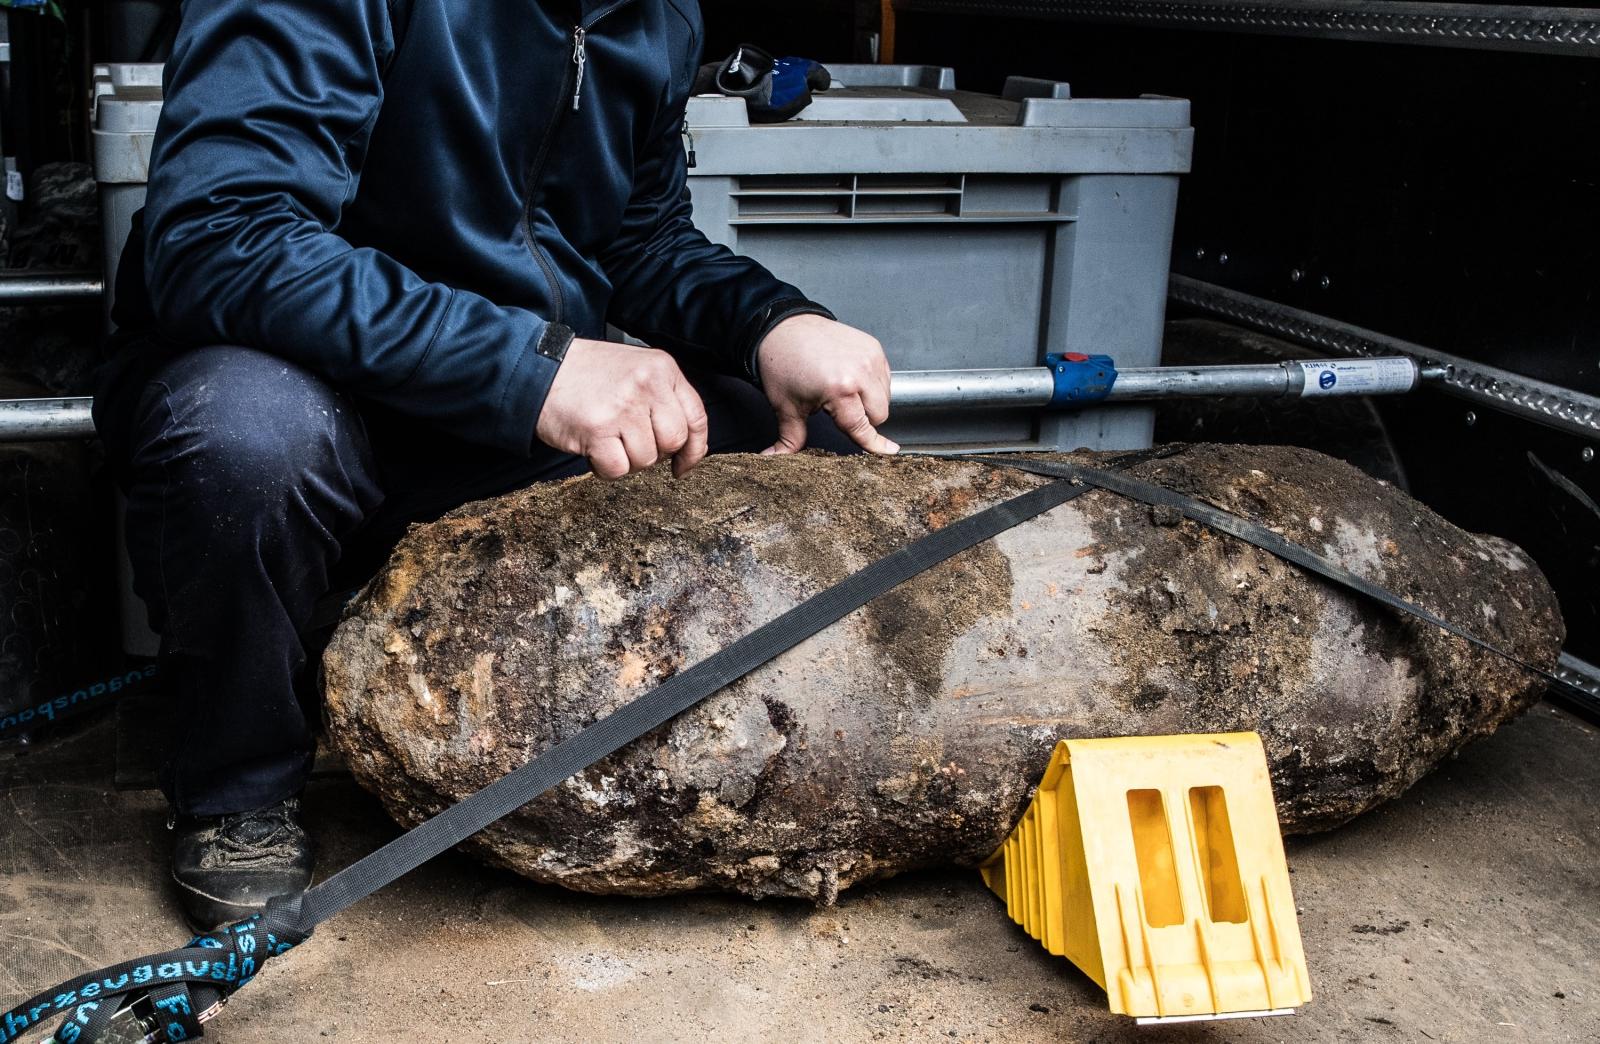 Znaleziona w Niemczech bomba z okresu II wojny światowej. Fot. PAP/EPA/FILIP SINGER